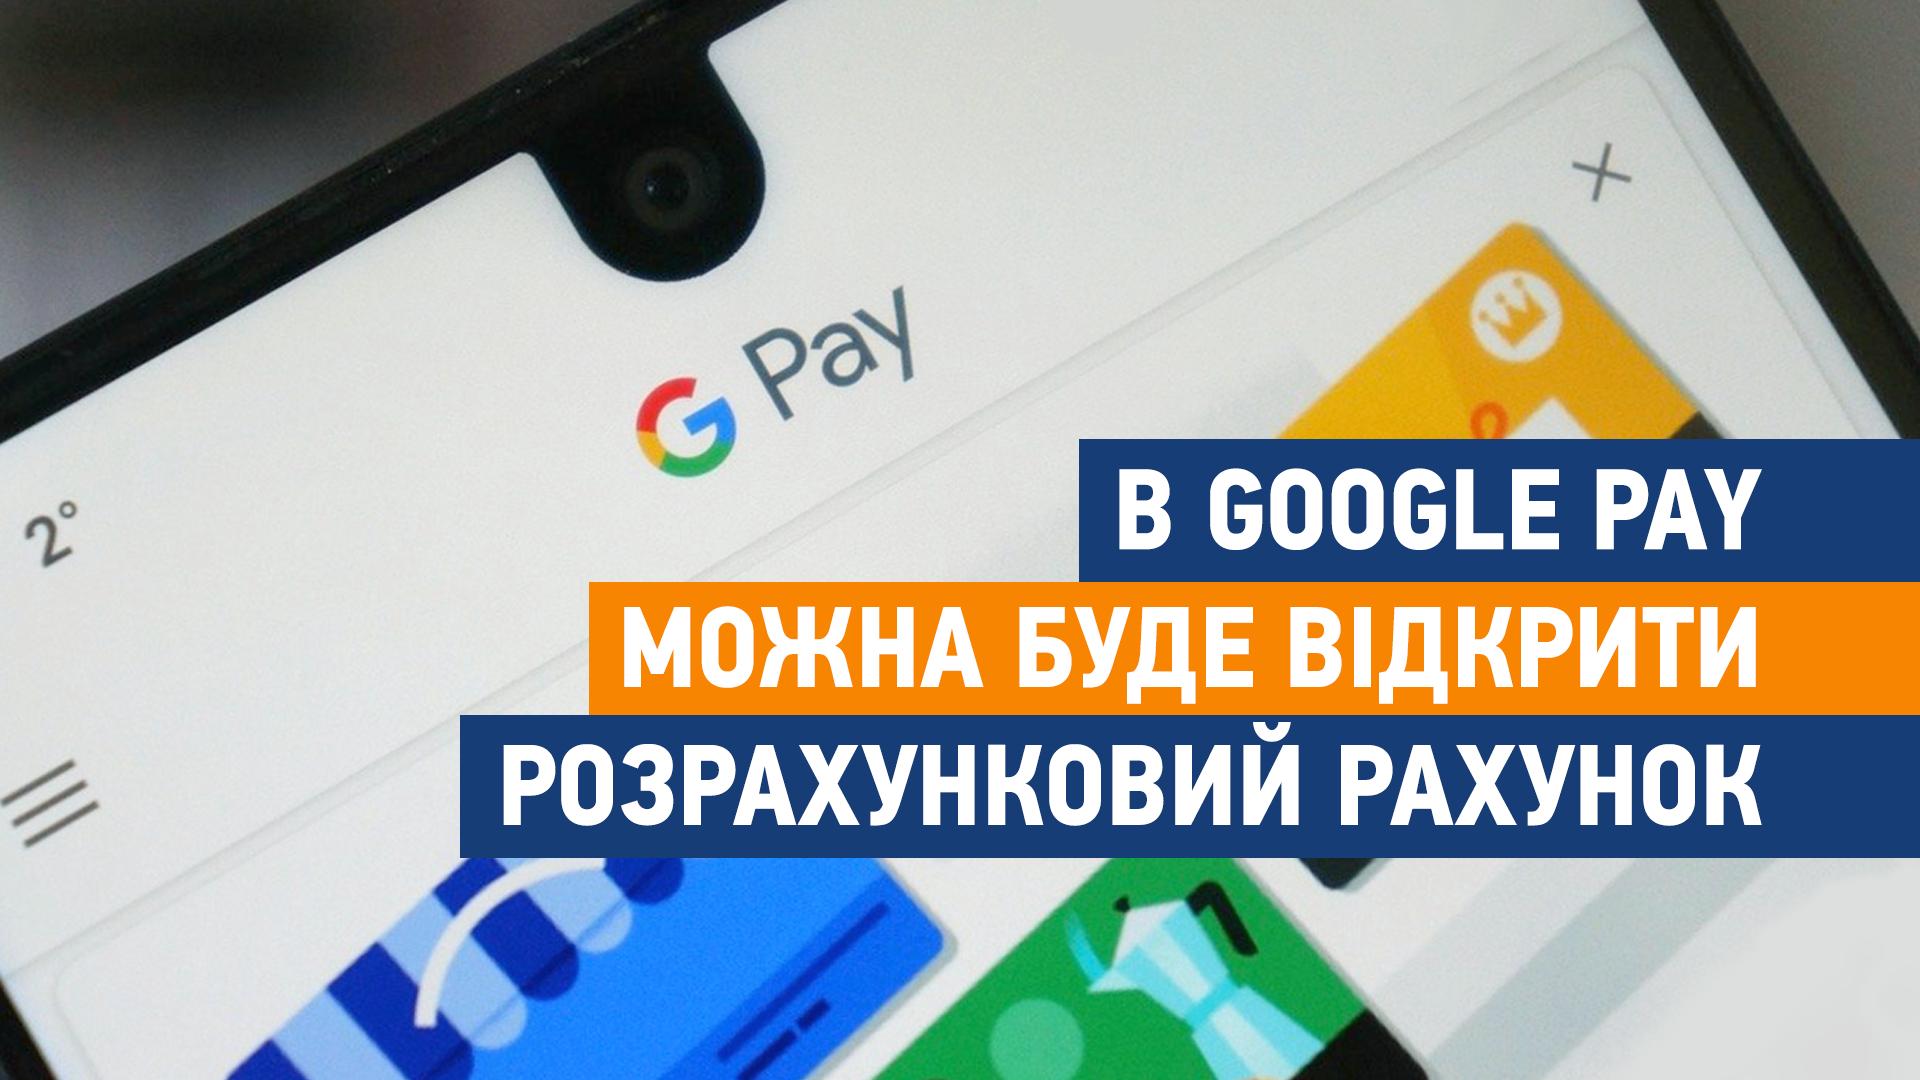 В Google Pay можна буде відкрити розрахунковий рахунок - google - shablon poglyad site